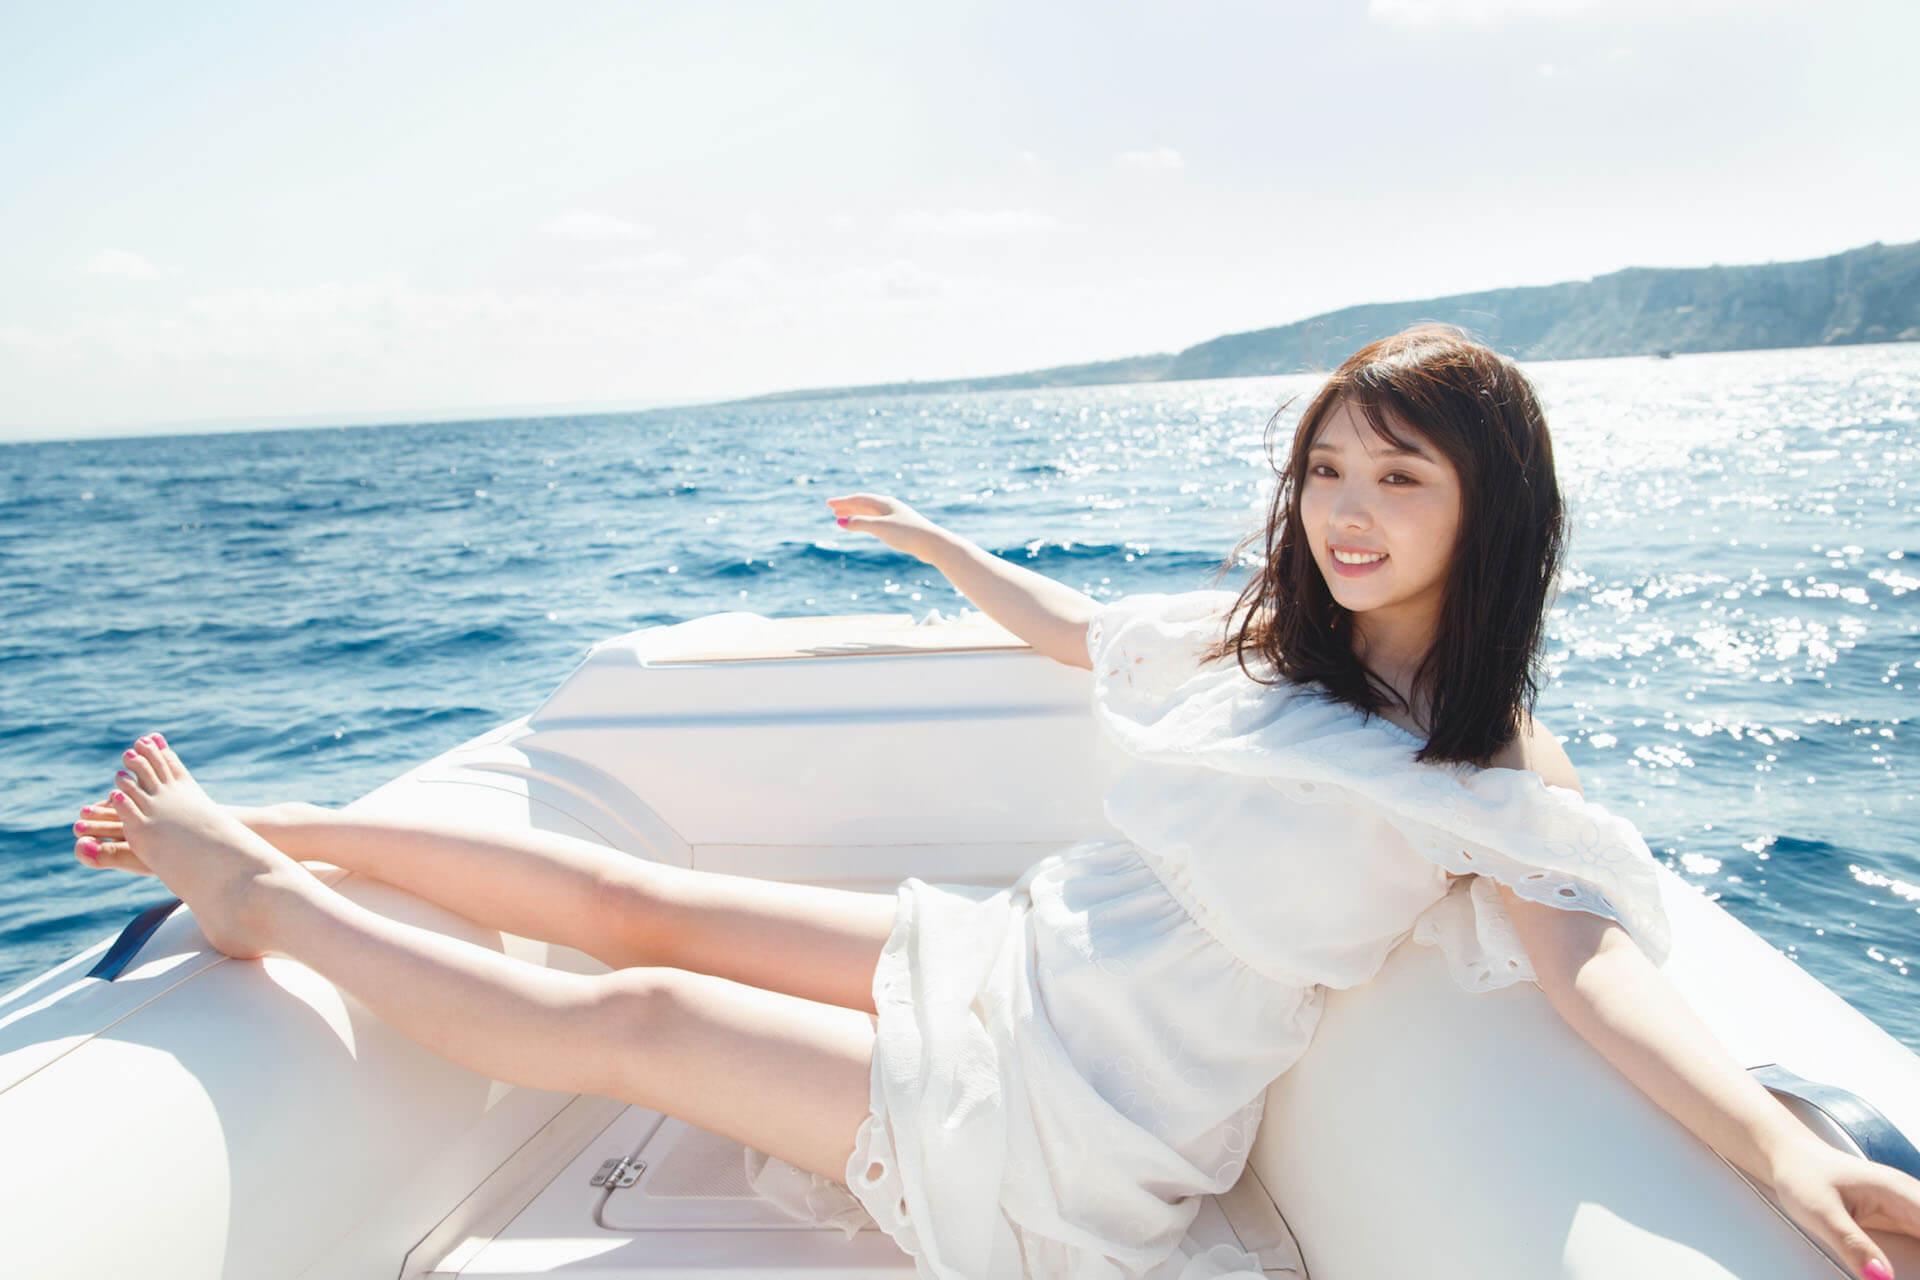 躺在床上的与田佑希太美了!写真集《沉默的时间》限定原创封面解禁